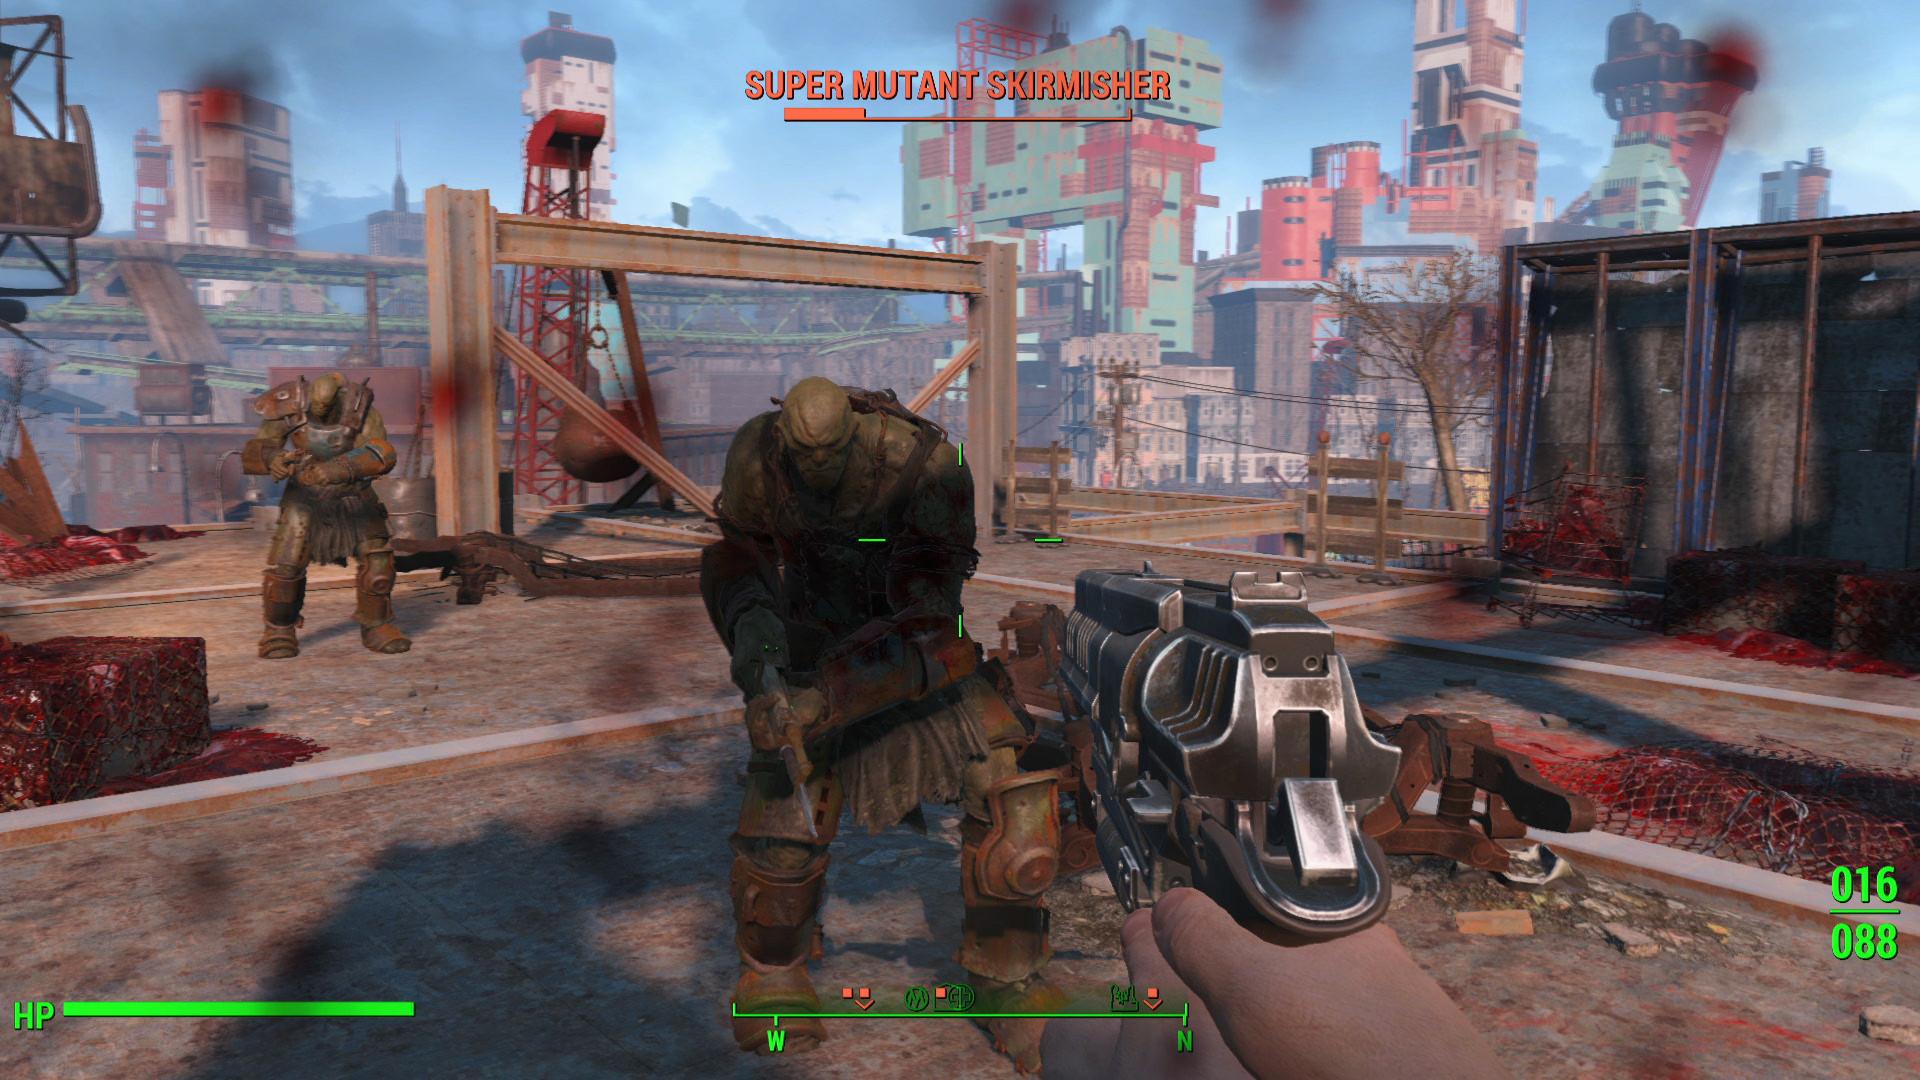 Fallout 4 ESPAÑOL PC Full + Update v1.1.30 (CODEX) + REPACK 5 DVD5 (JPW) 6